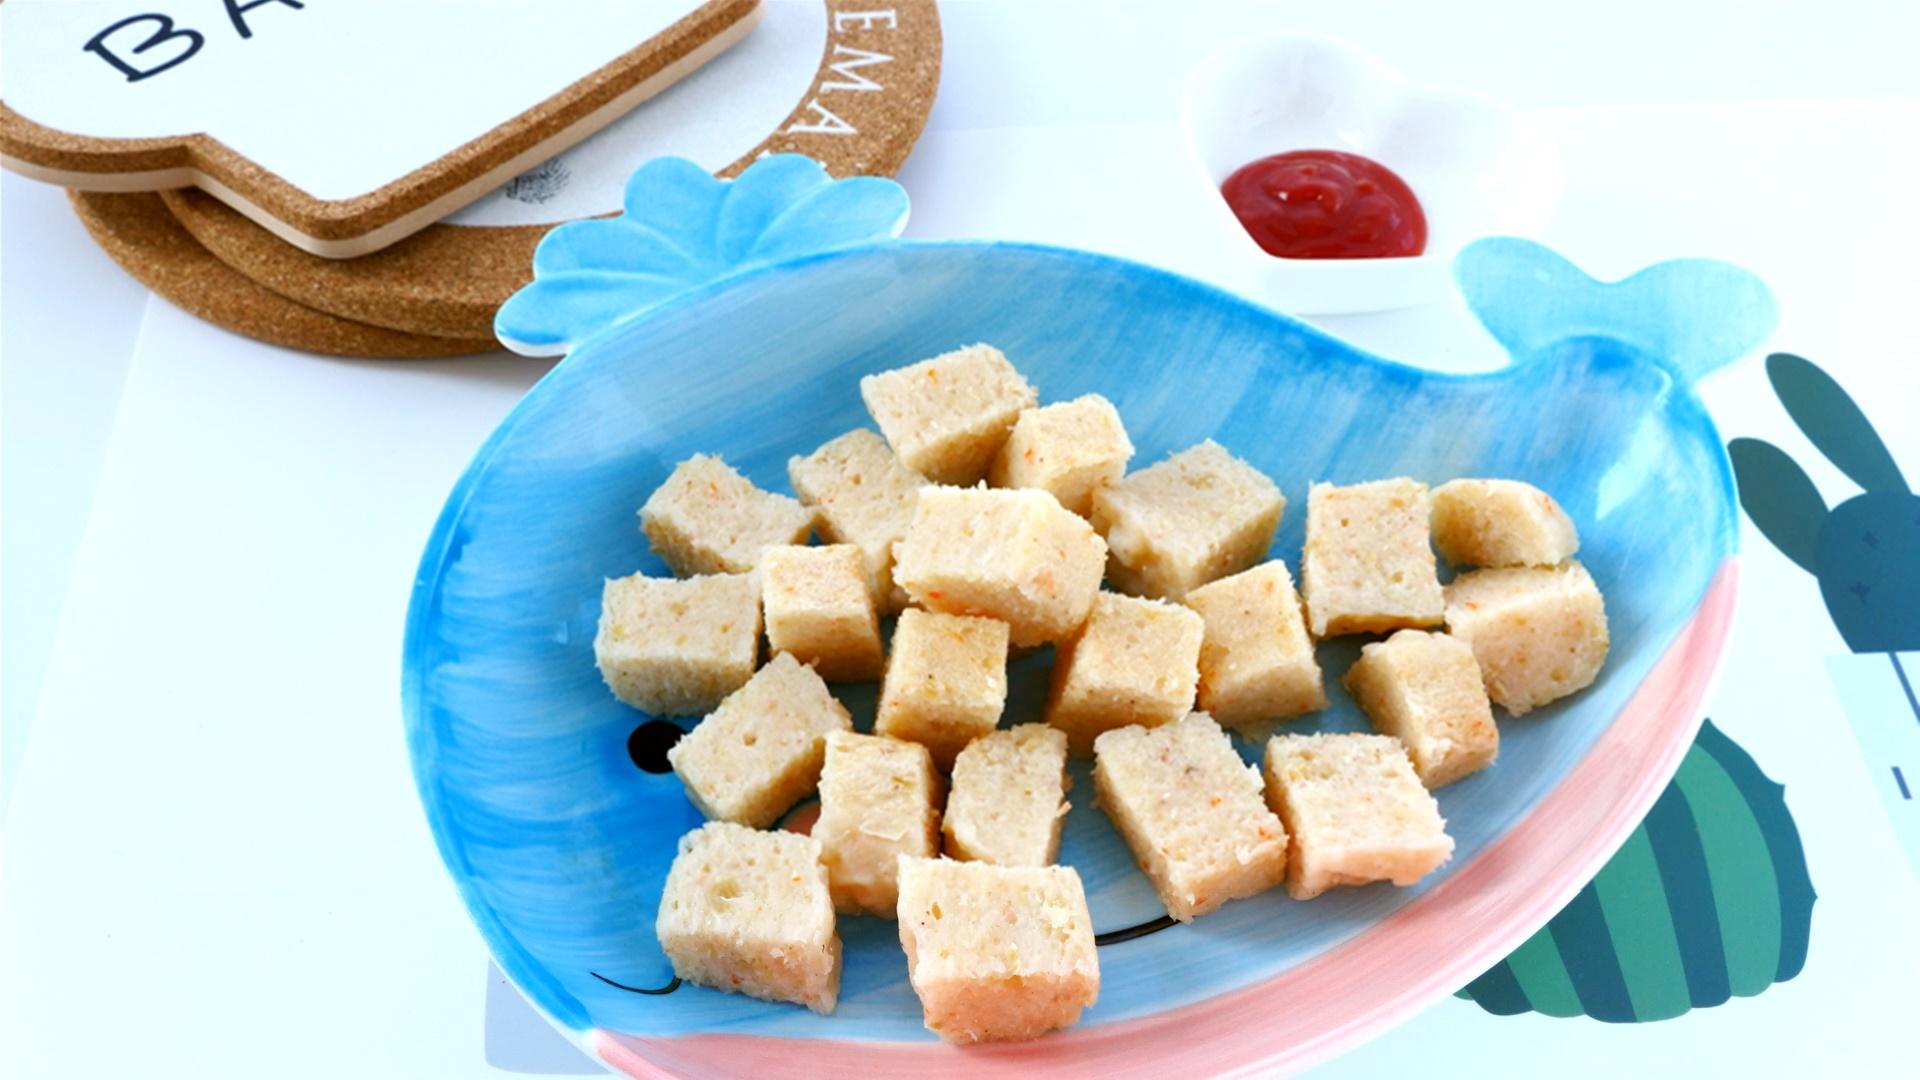 えび鮮魚の豆腐の実習ビデオ_のえび鮮魚の豆腐の実践測定